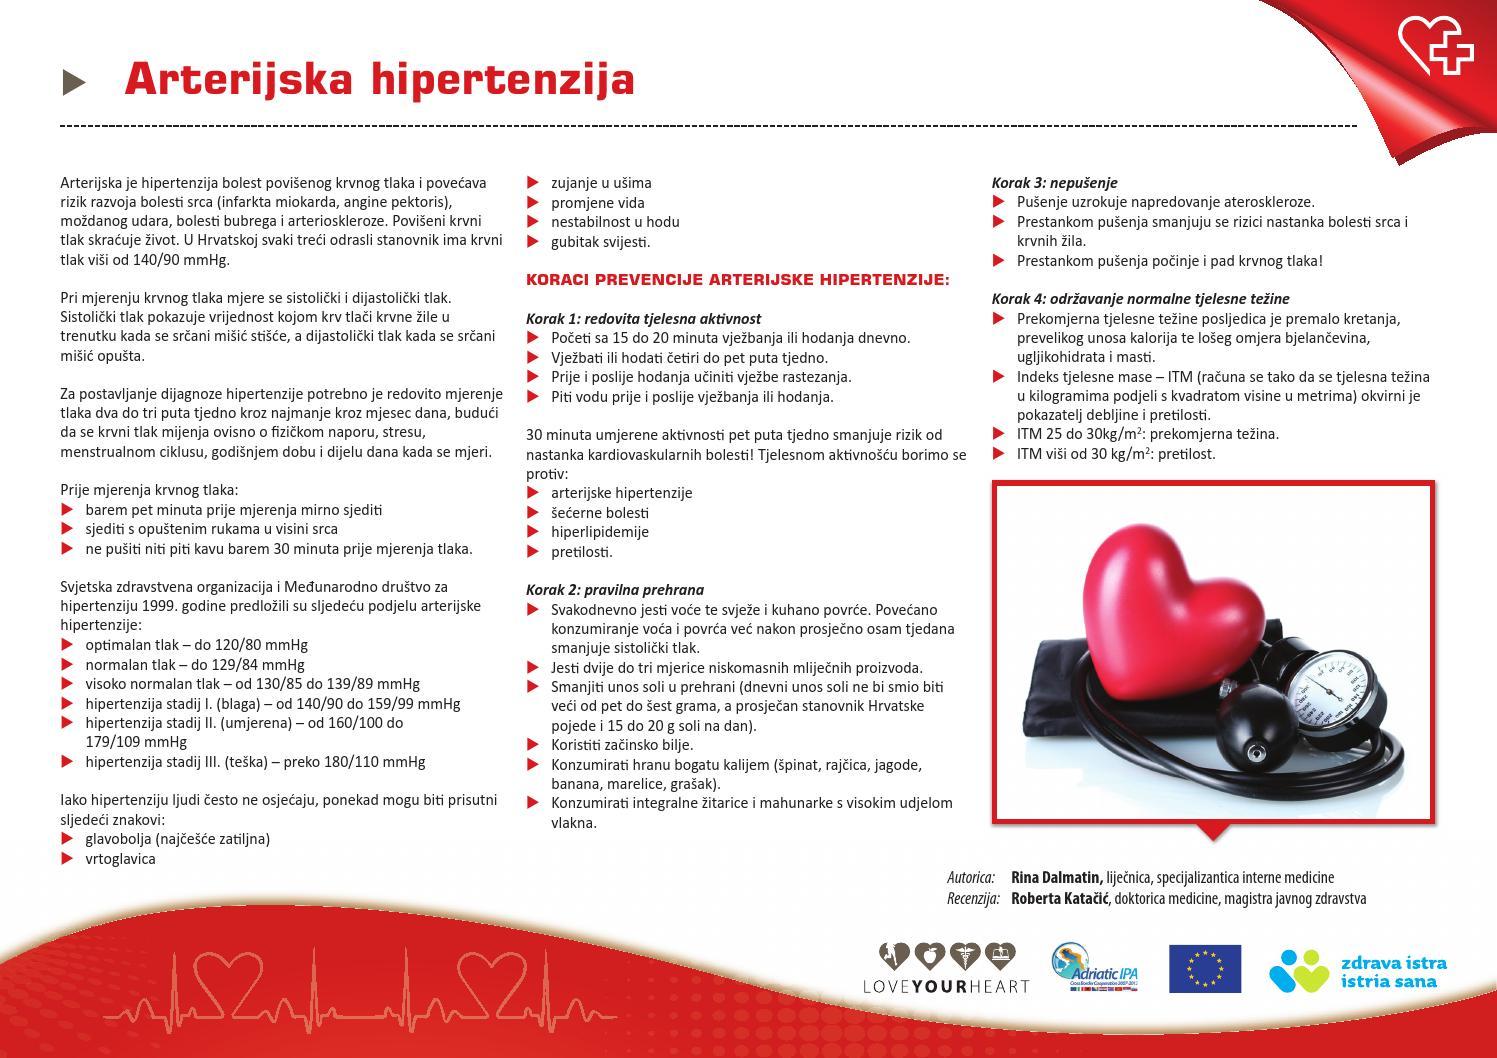 hipertenzija i brzi impuls